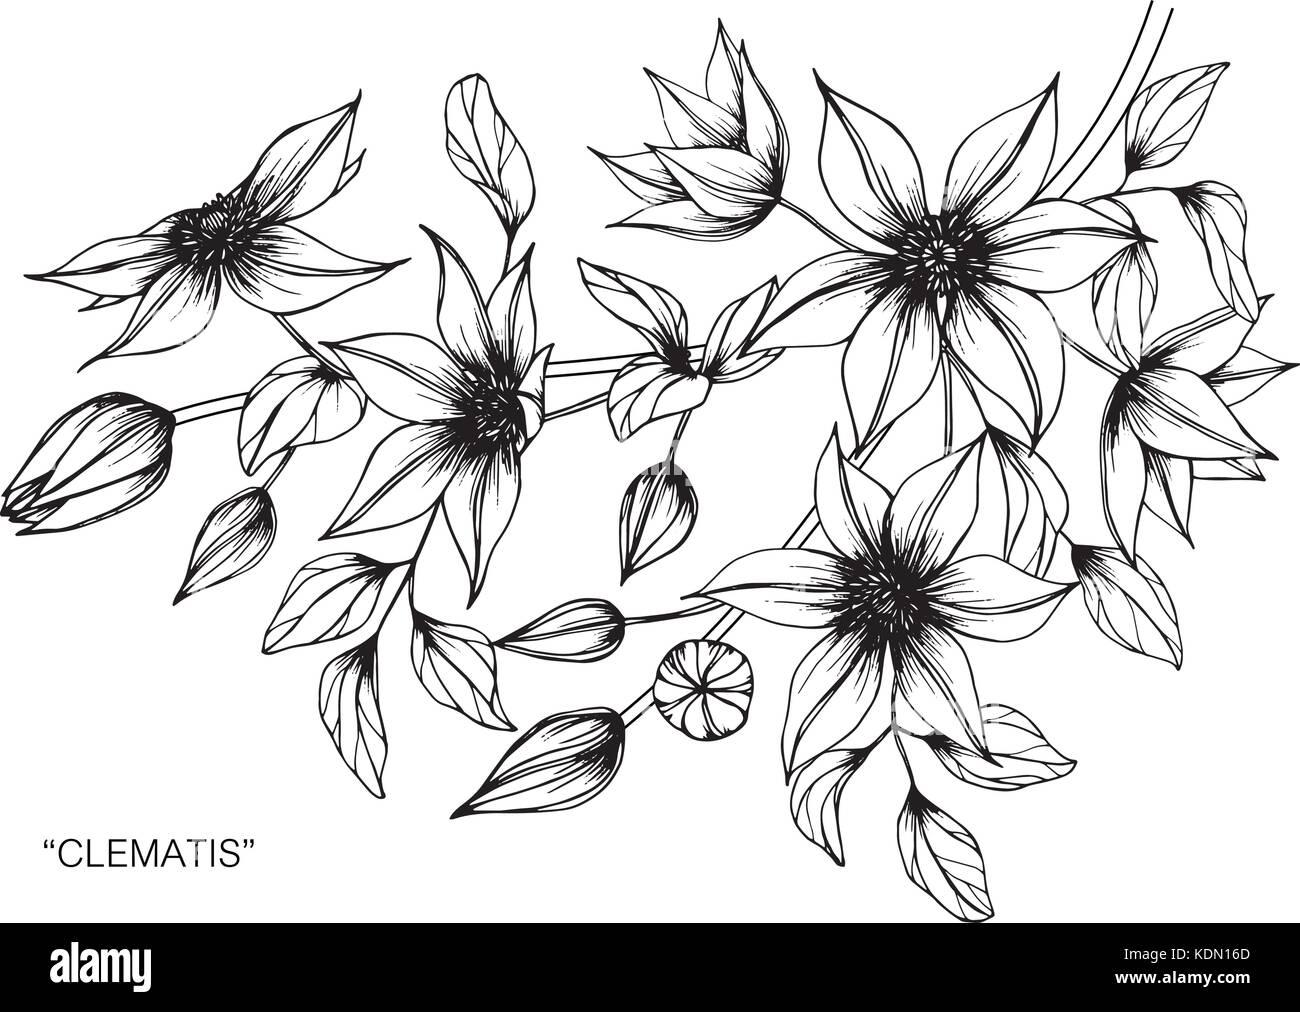 Clematis Flor Dibujo Ilustración Blanco Y Negro Con La